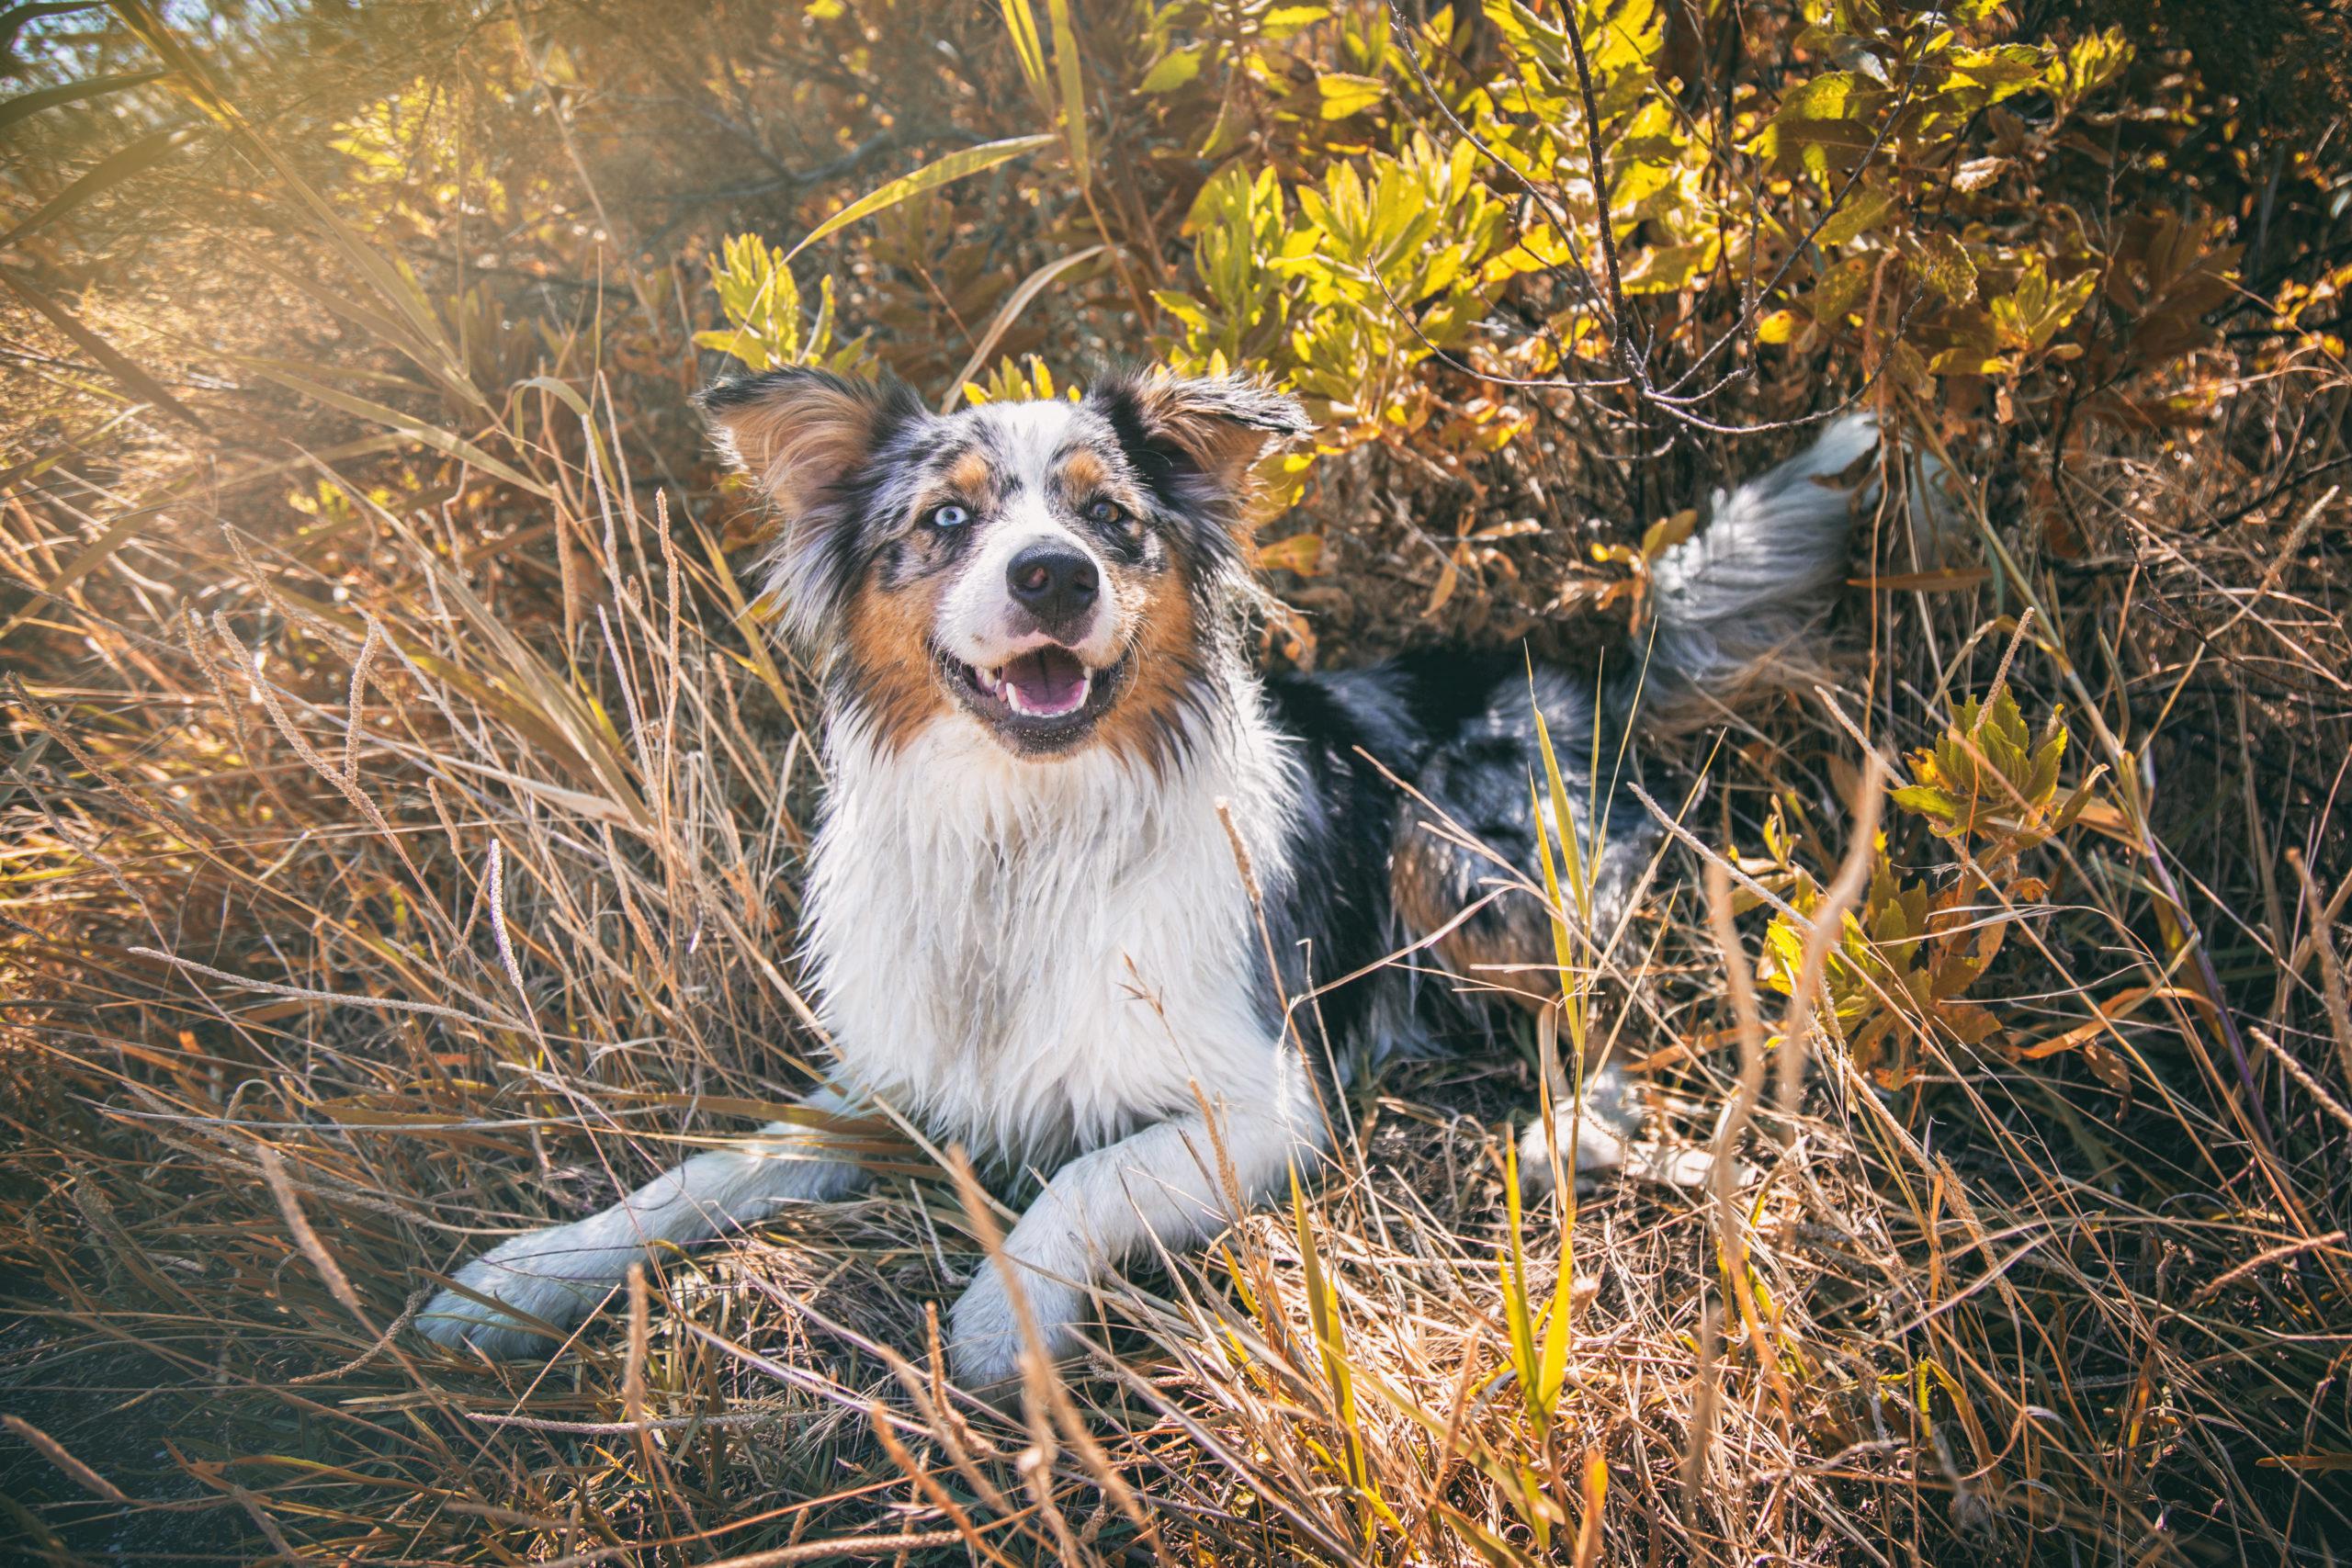 Photographe animal de compagnie, portrait chien, berger australien